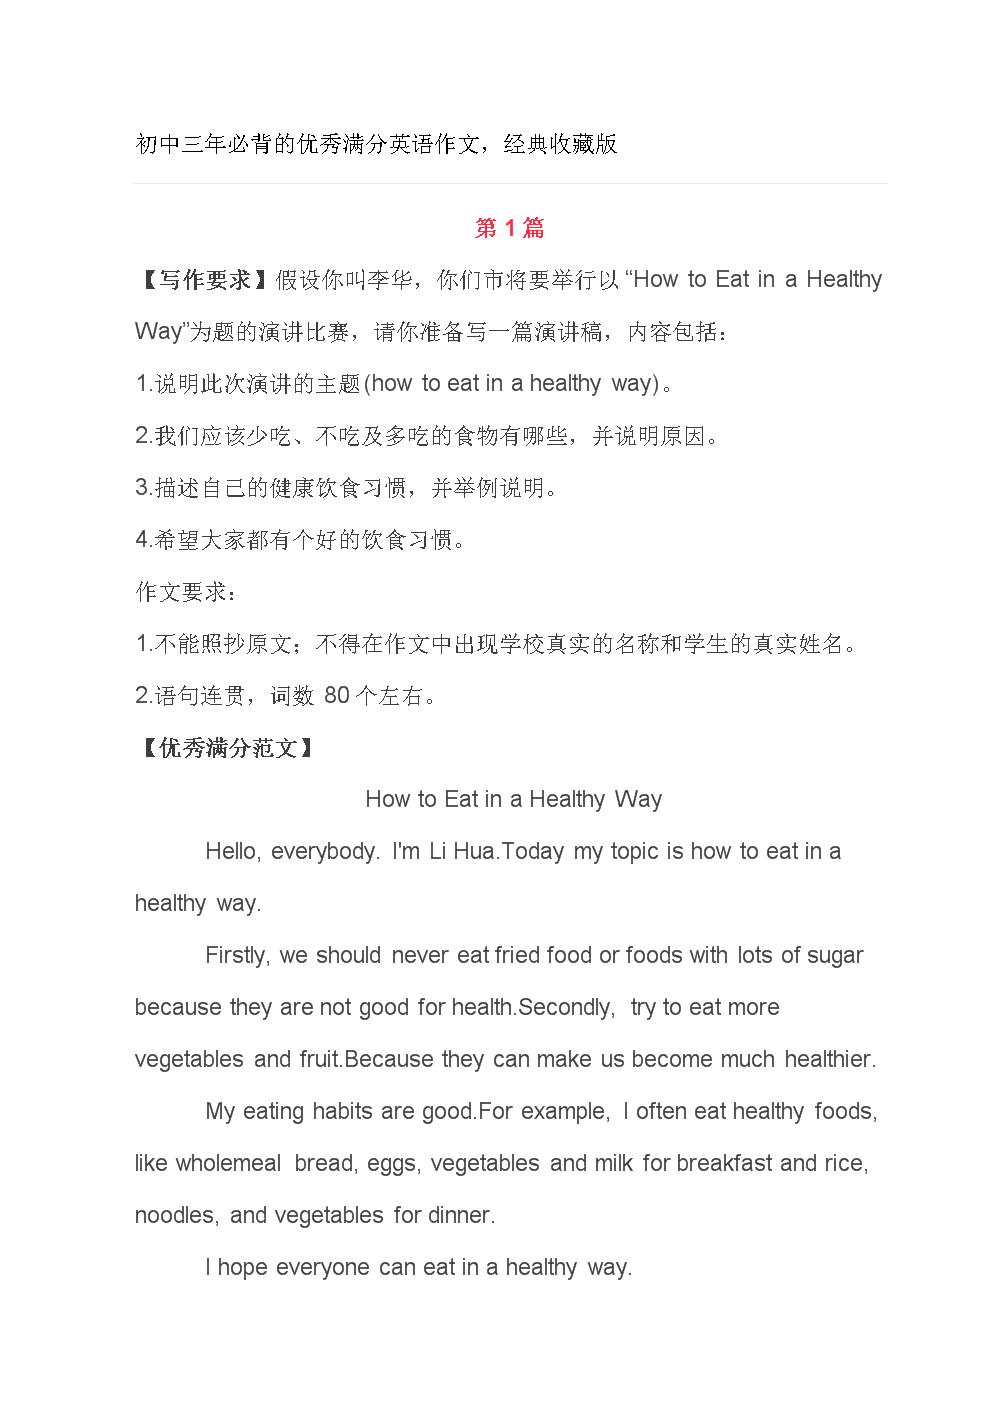 满分三年必背的优秀初中英语初中.doc作文对口上海行知小学图片